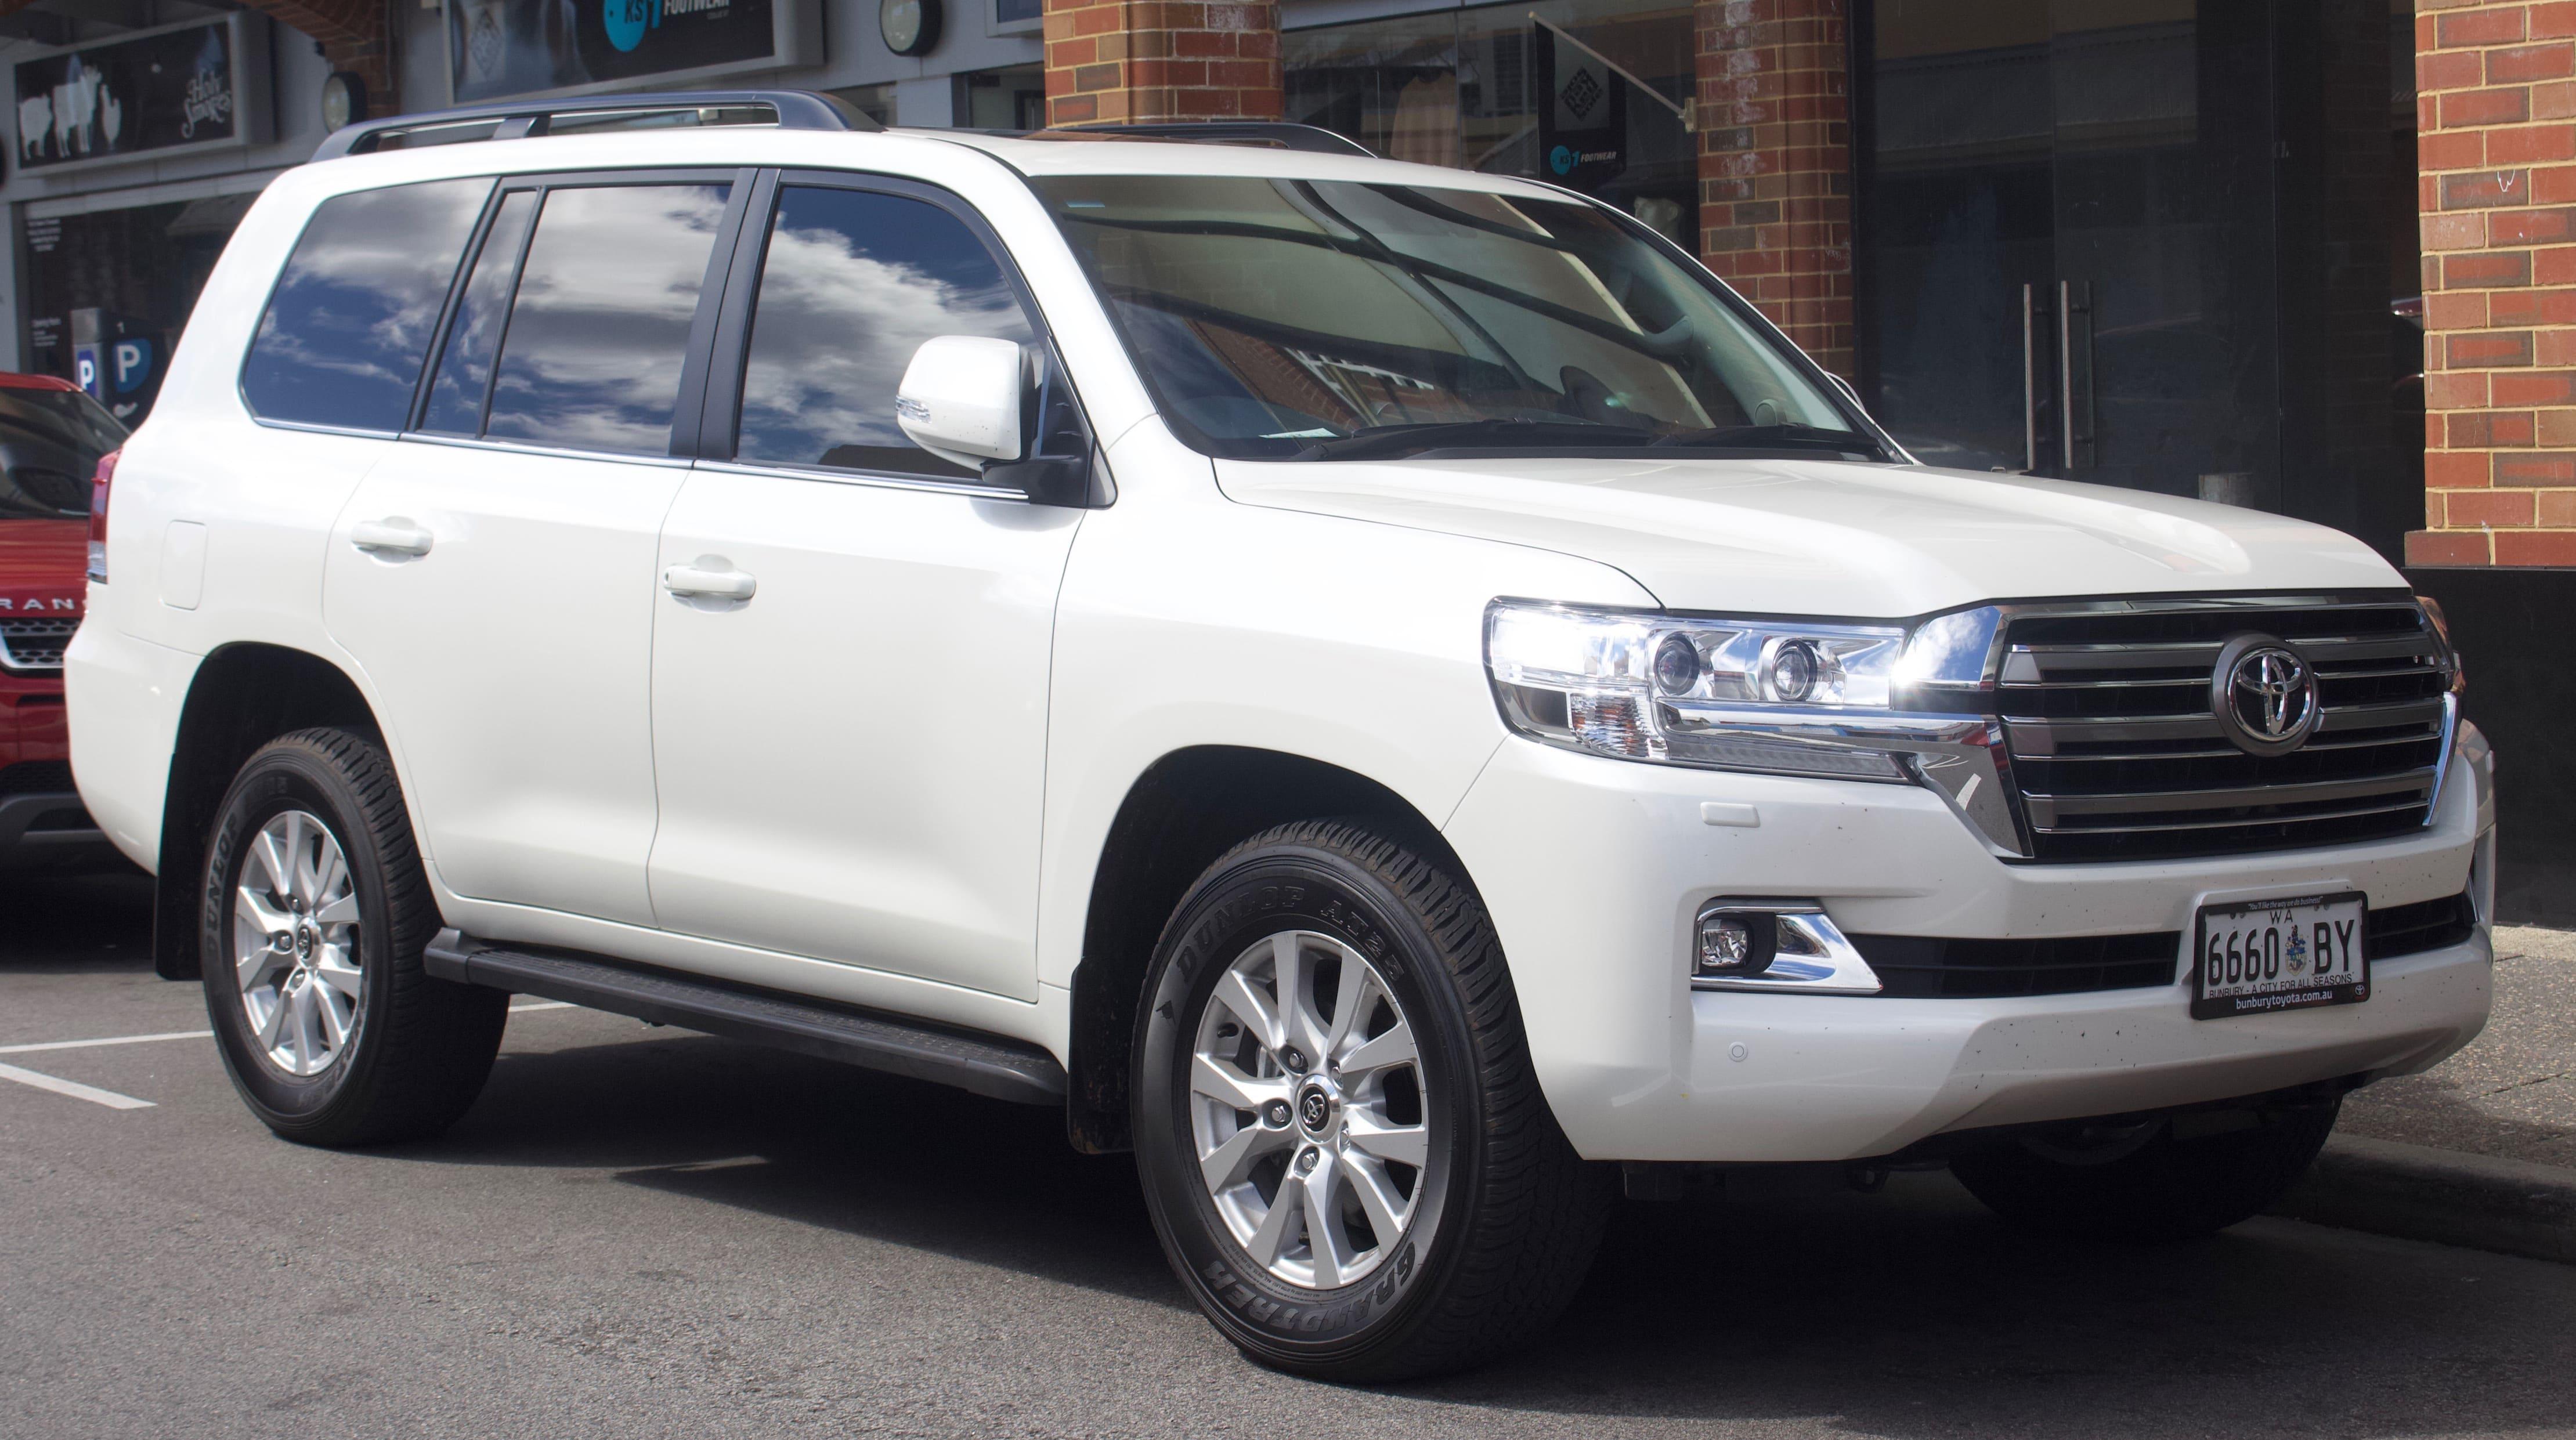 Sulitnya Menebak Harga Toyota Land Cruiser, Mobil Off Road Mewah dan Tangguh 3